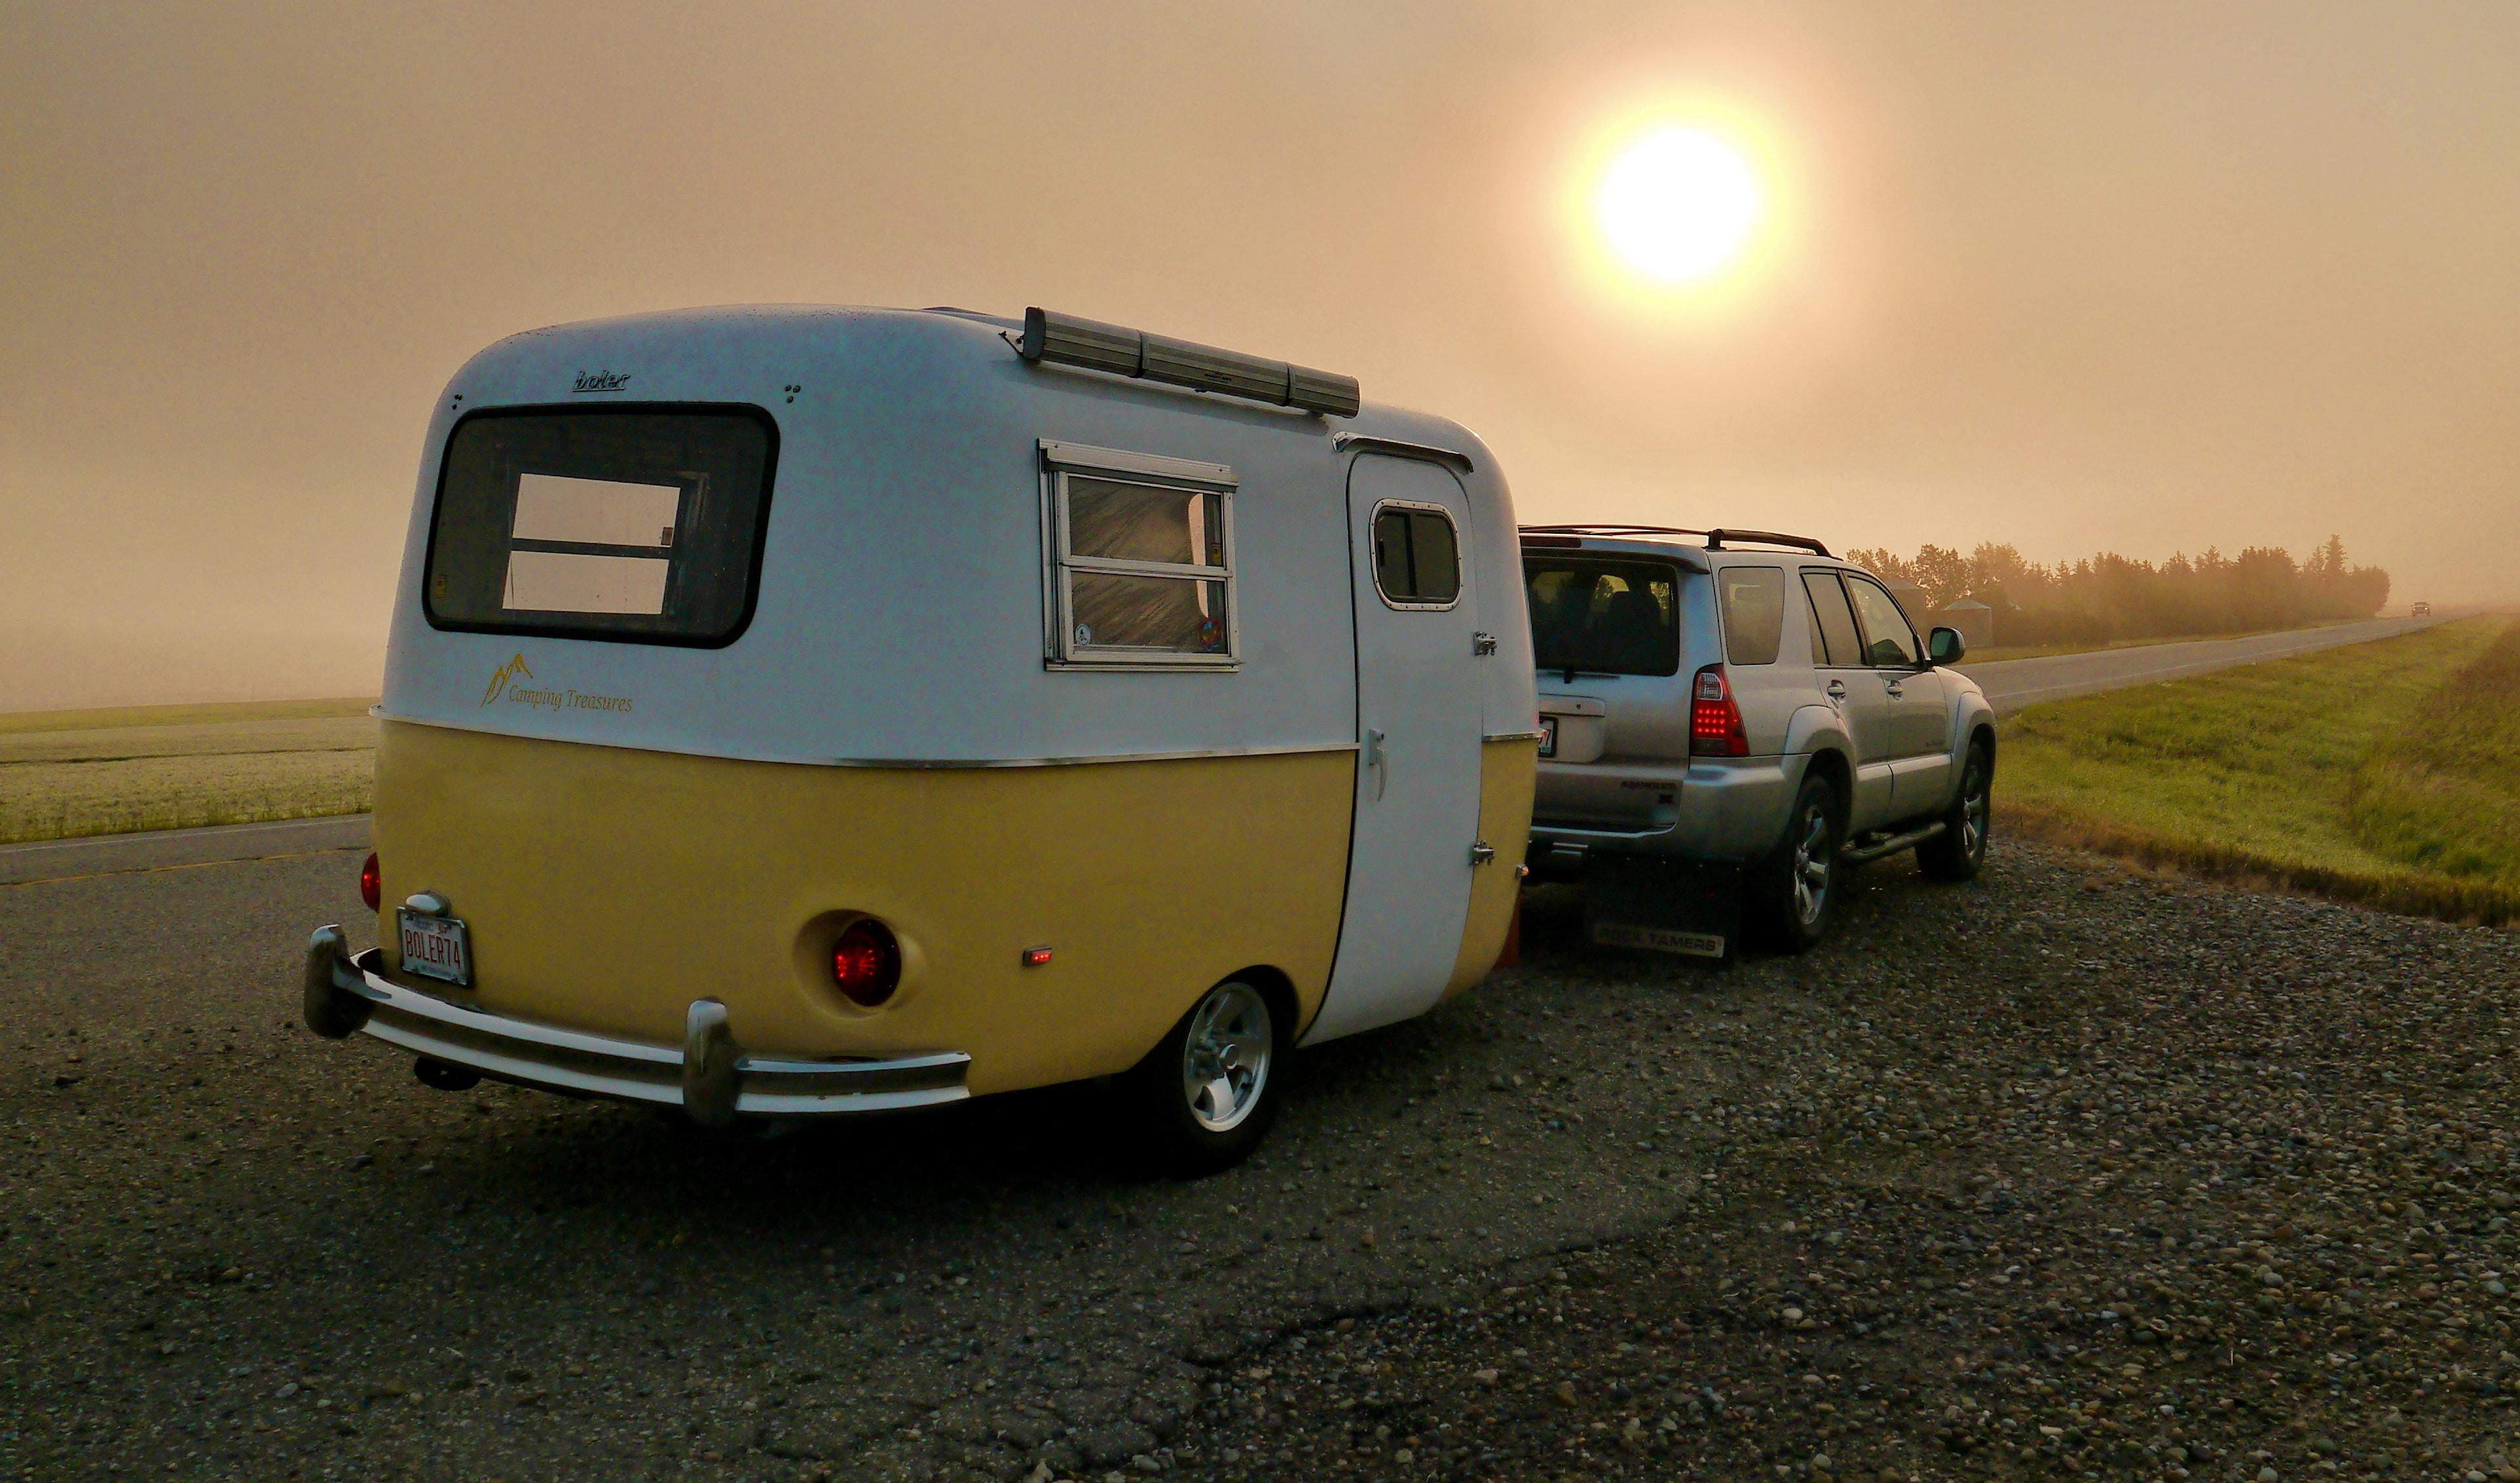 Peachy Boler 50Th Anniversary Rally Oliver Travel Trailers Wiring 101 Tzicihahutechinfo